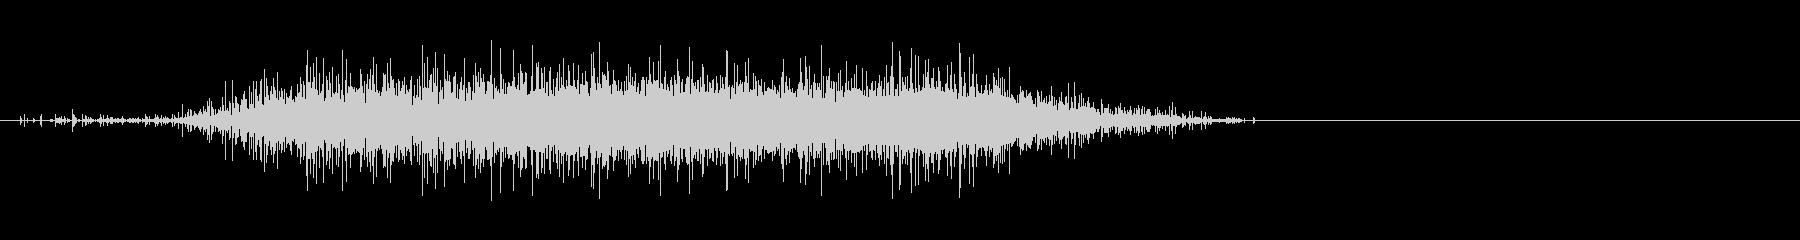 レインスティックの美しい音【スロー③】の未再生の波形